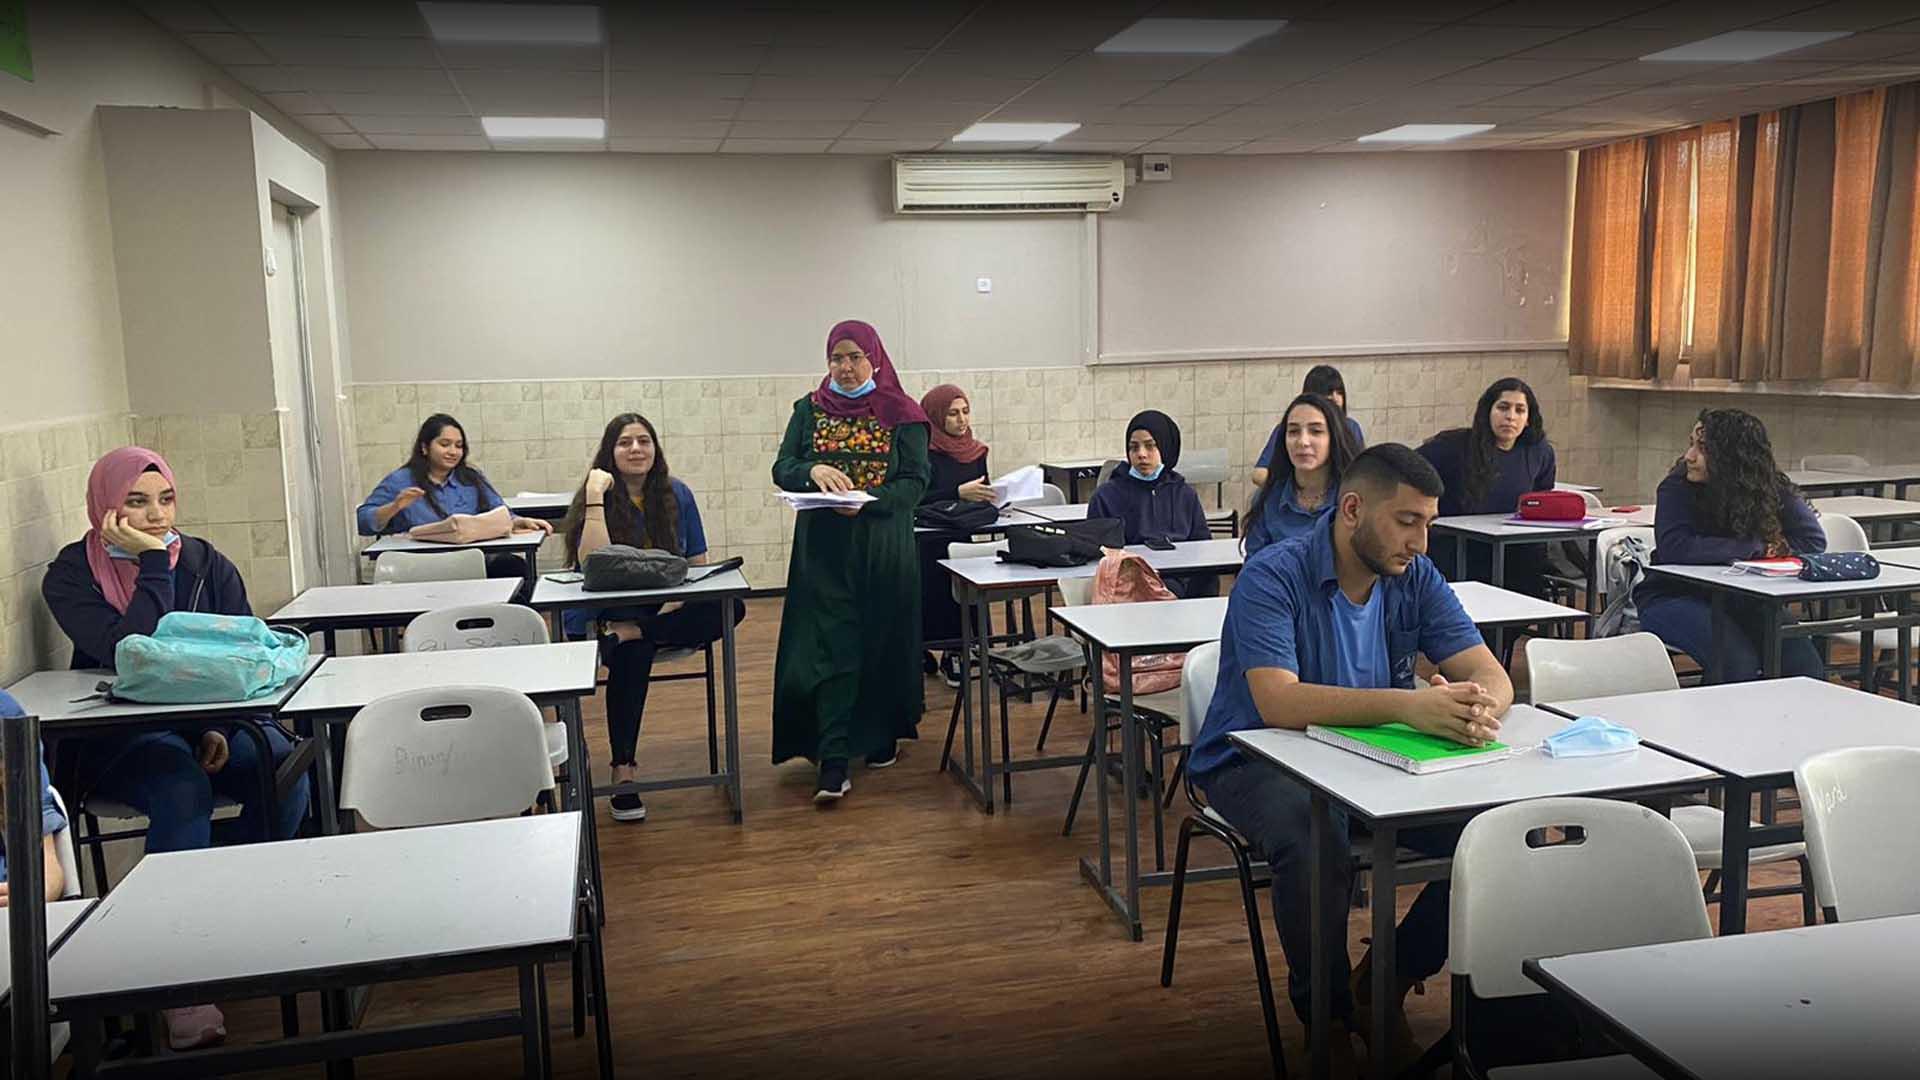 الأوضاع التعليمية الرسمية في مدارس الجولان المحتل